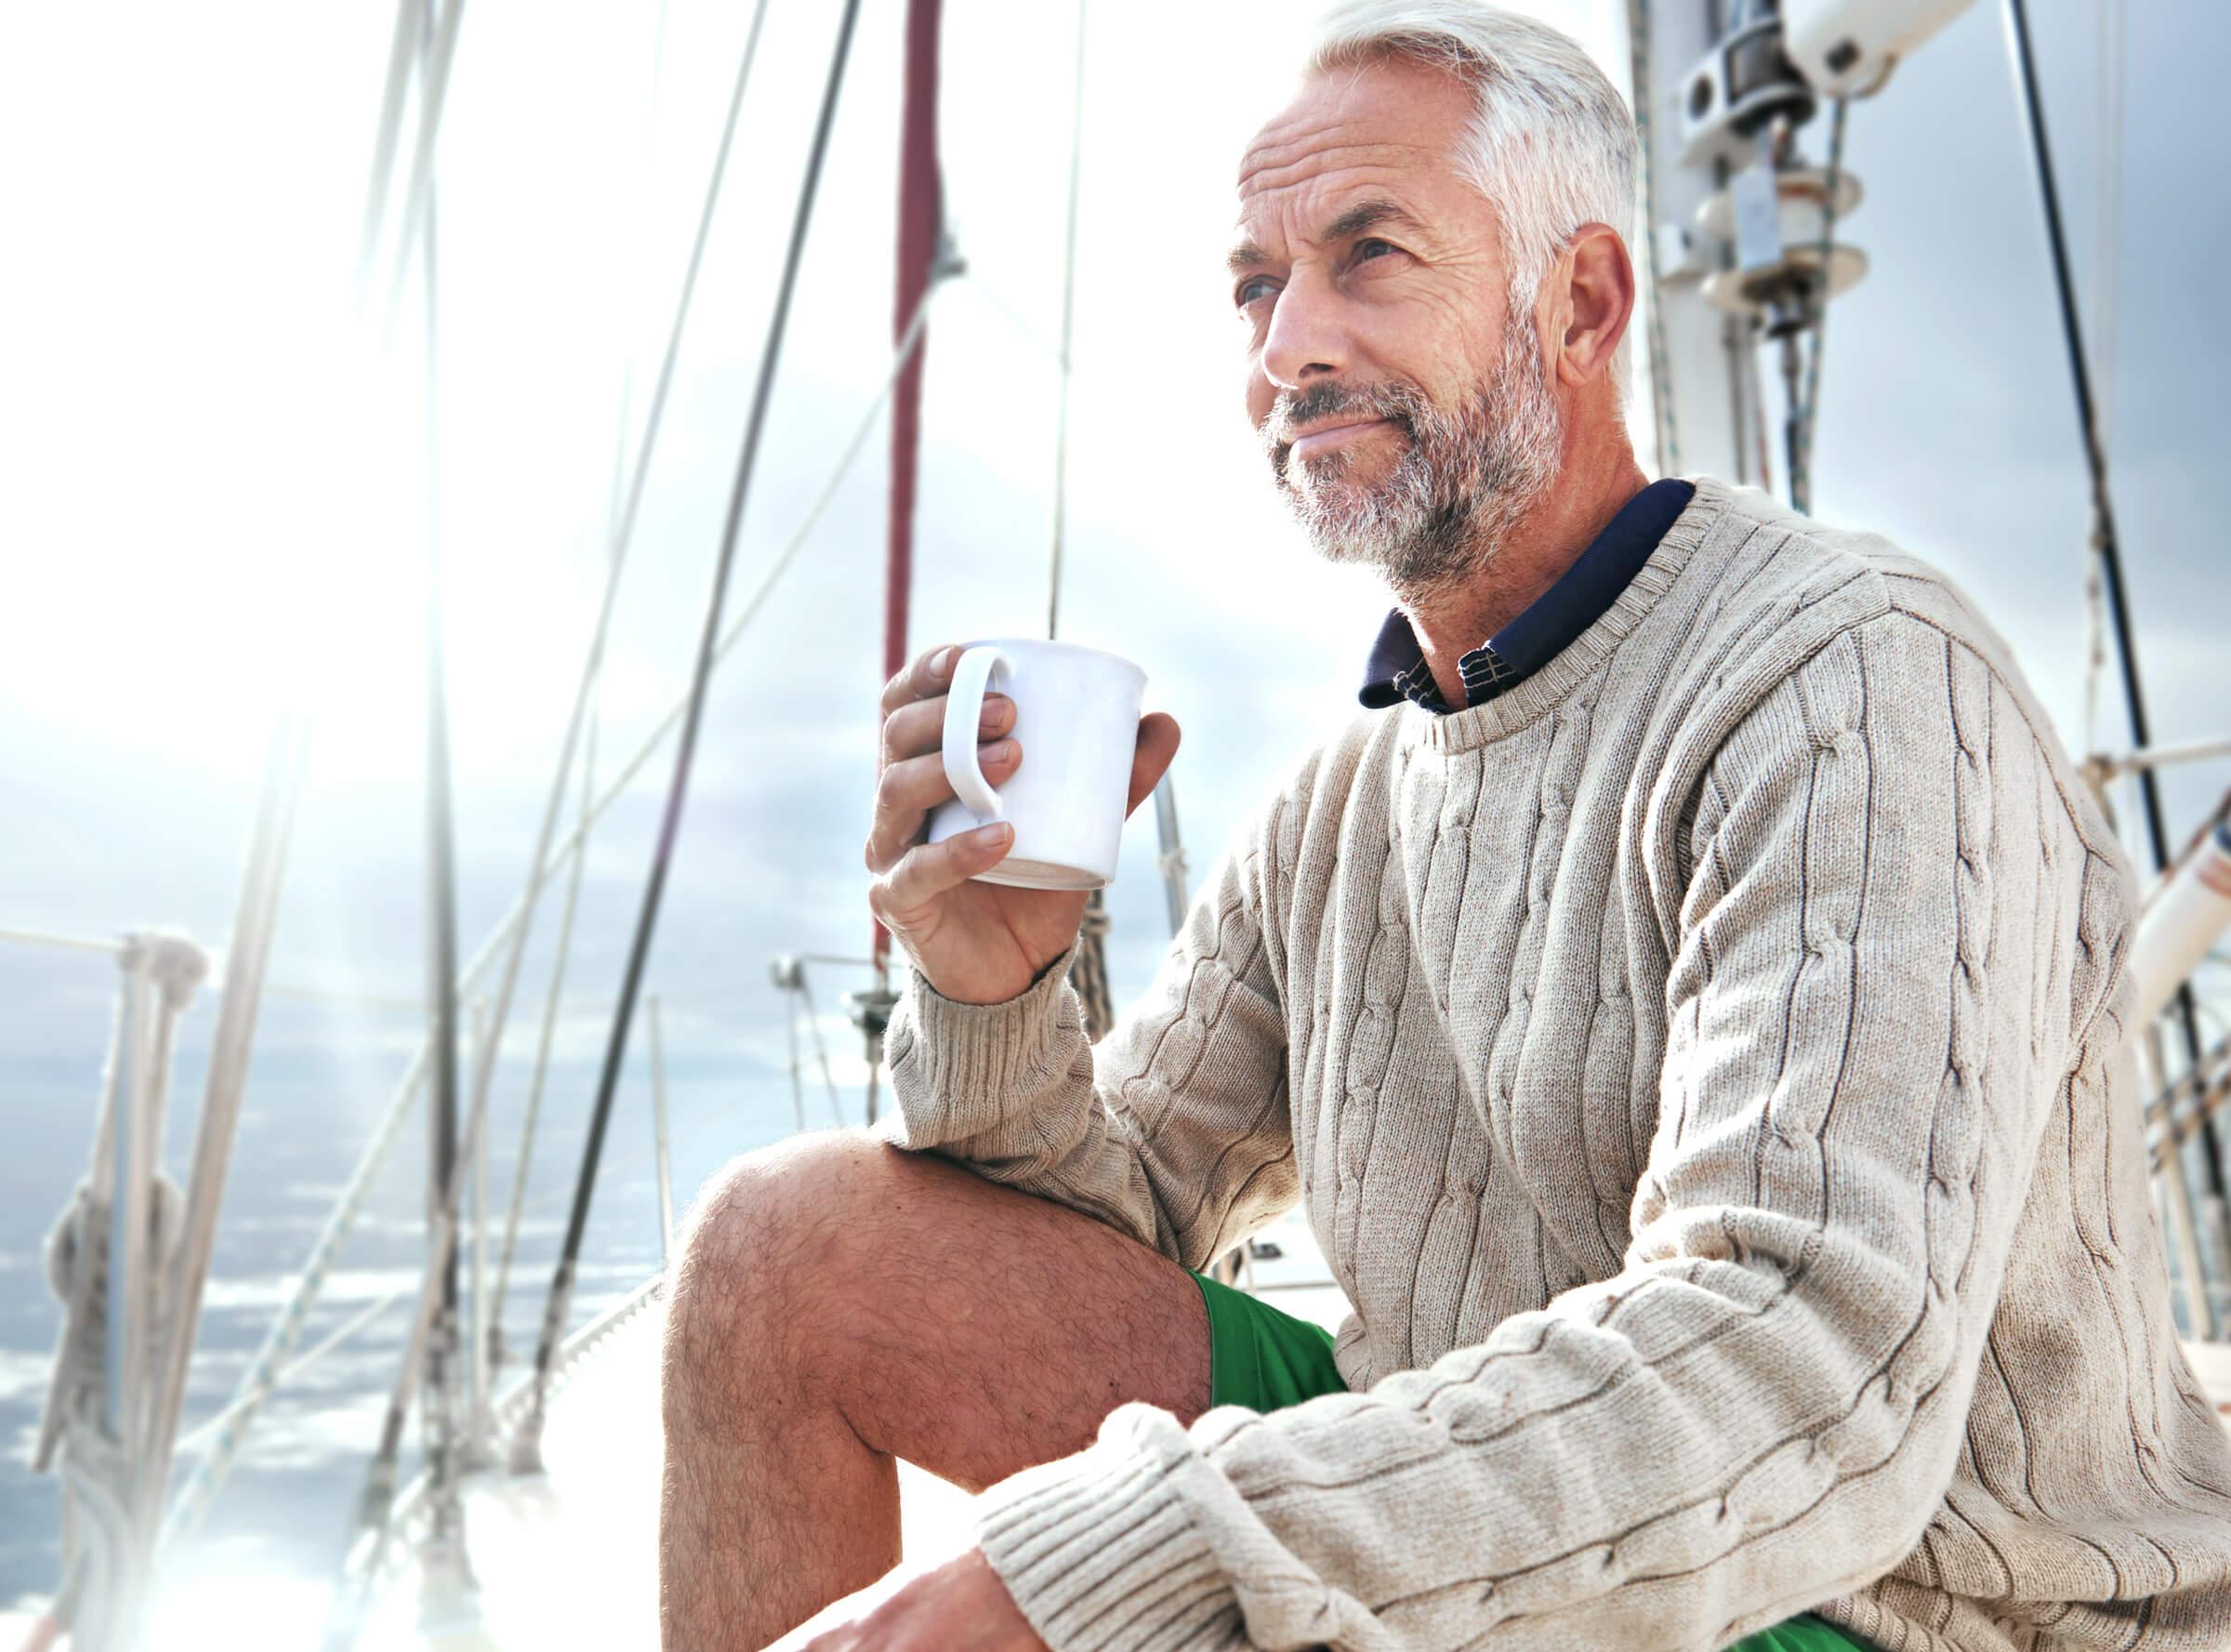 Úpěšný investor a klient LYNX popíjející kávu na jachtě